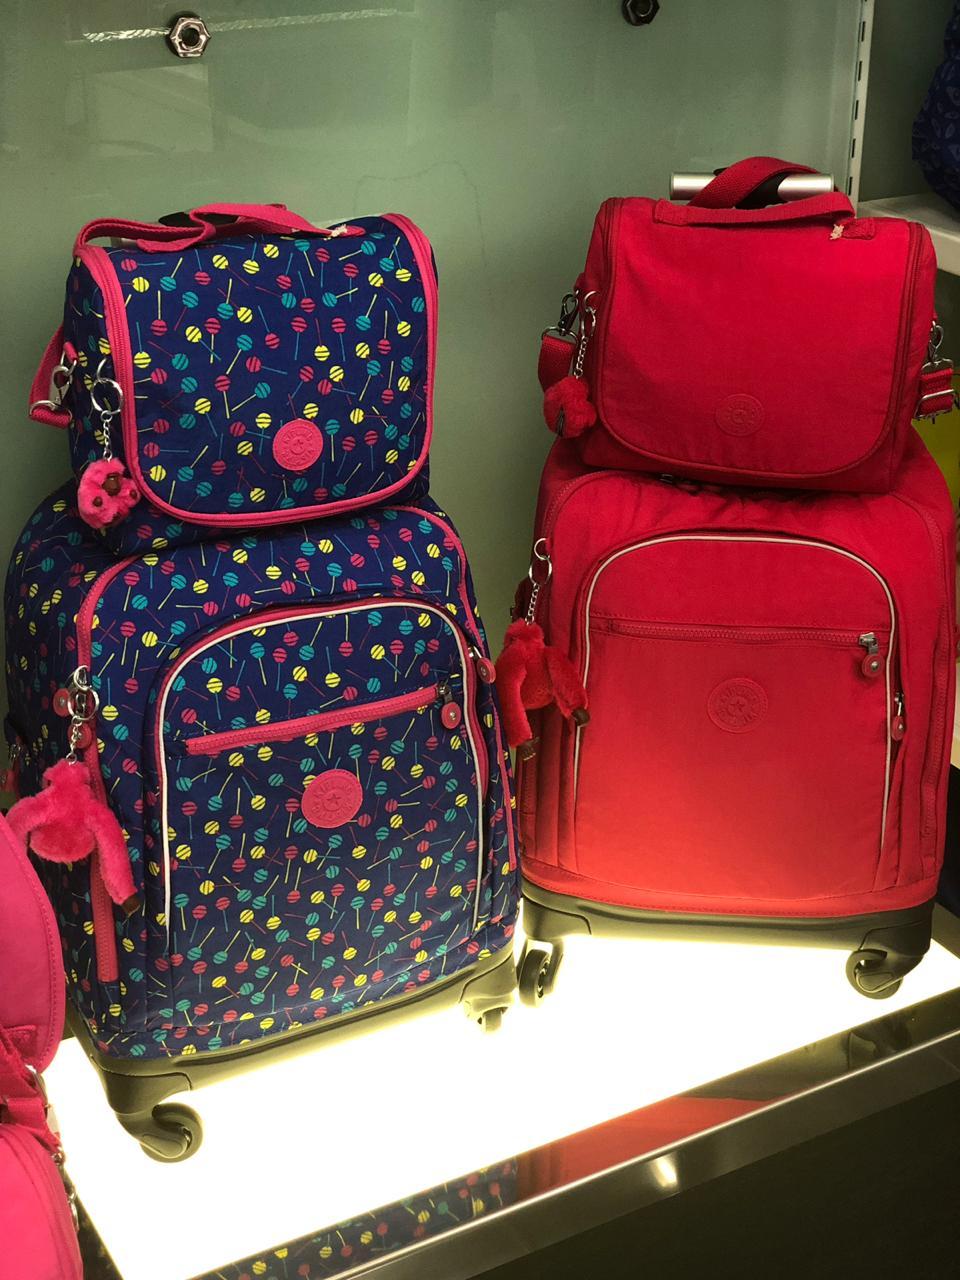 e58a0a1f8 Na Imaginarium (piso 1) tem de tudo: mochila, caderno e todos os itens de  desejo de estudantes, crianças e todos os outros que visitam a loja.